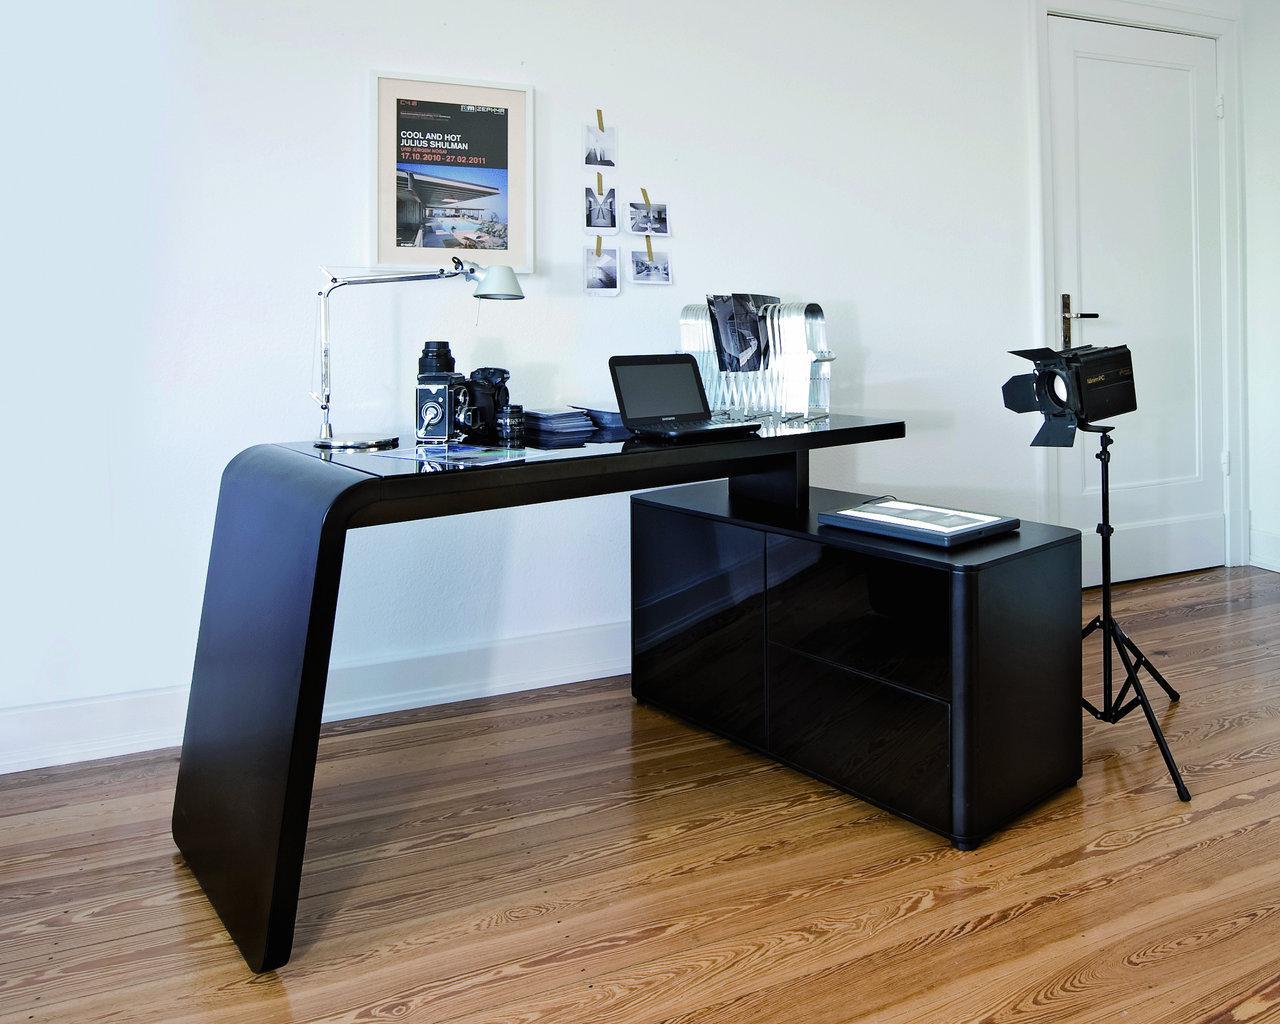 Eckschreibtisch modern  Schreibtisch Günstig Weiß: Schreibtisch future typ a büromöbel ...